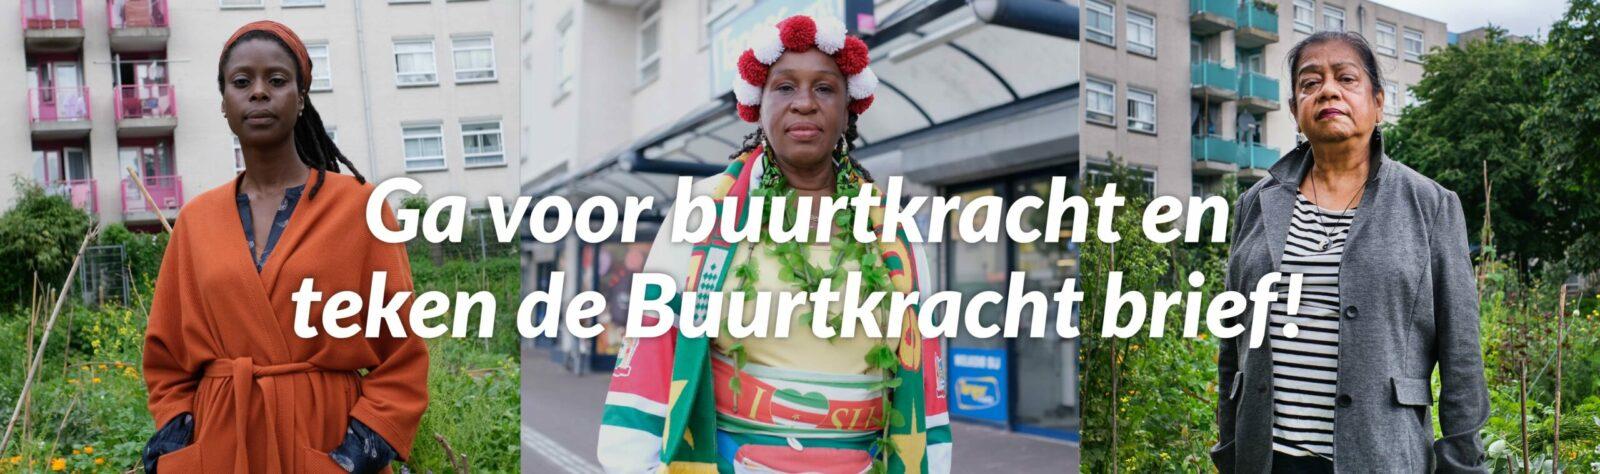 https://www.bloeiengroei.org/kiesvoorbuurtkracht/